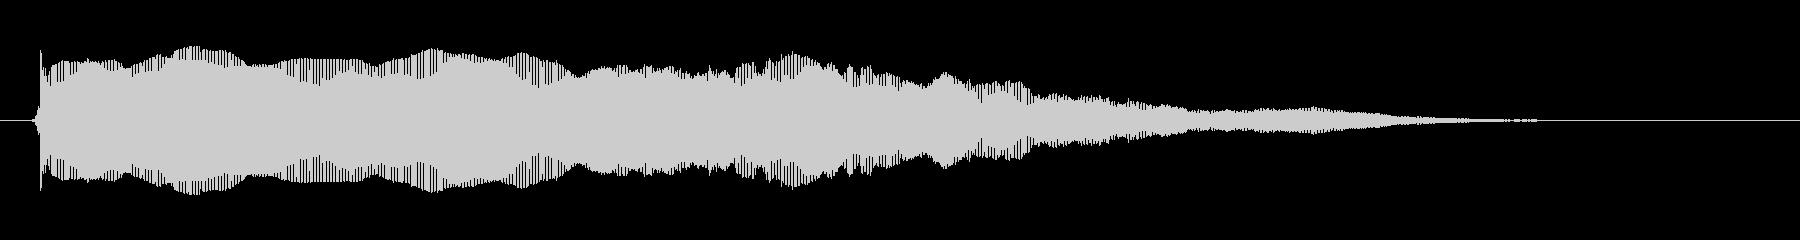 素材 シンセバウンスハイ02の未再生の波形